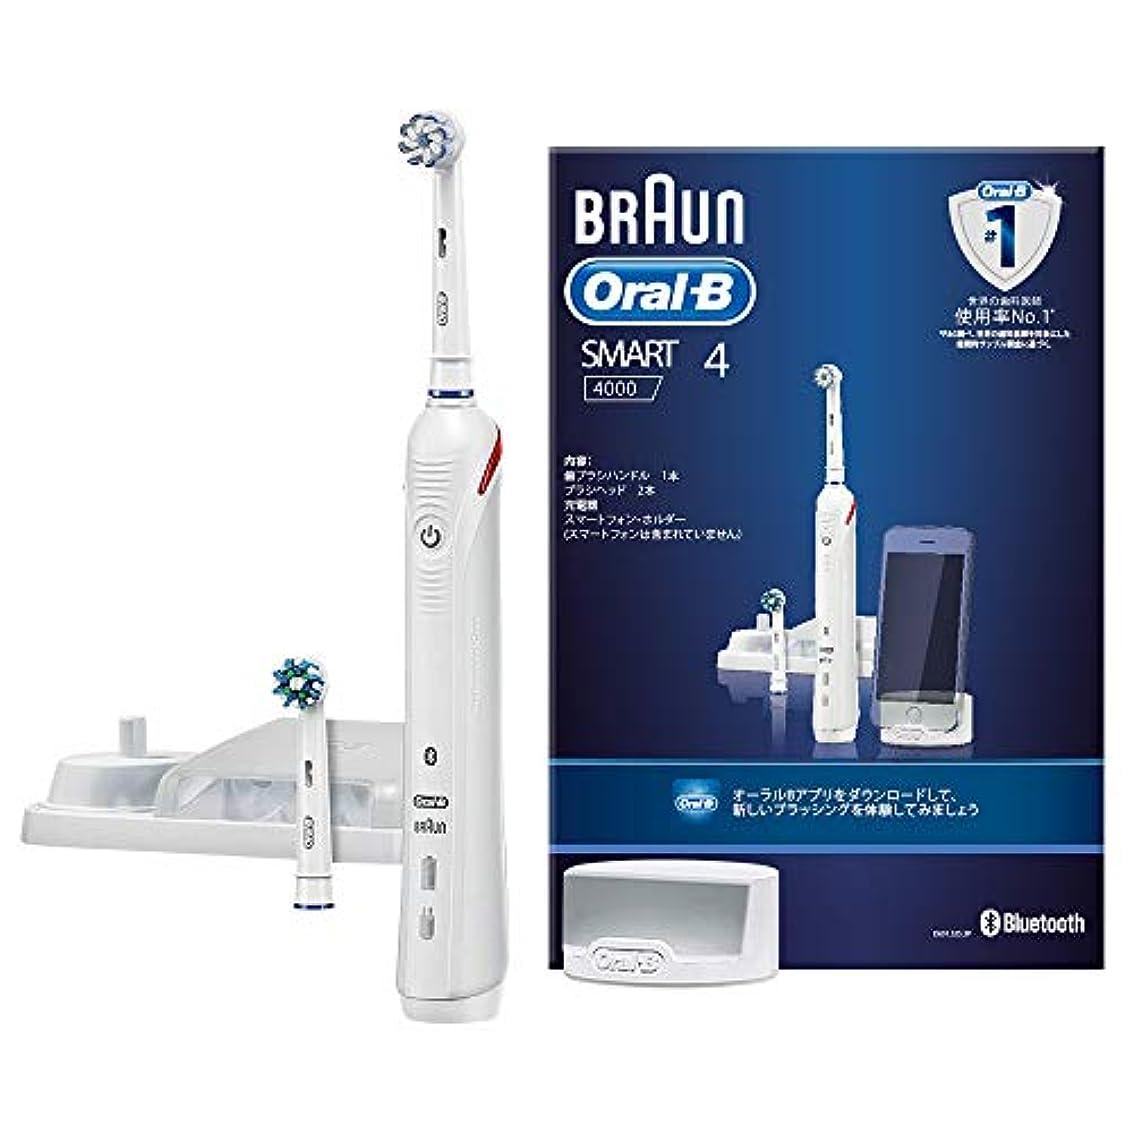 旋律的爆弾悩みブラウン オーラルB 電動歯ブラシ スマート4000 D6015253P